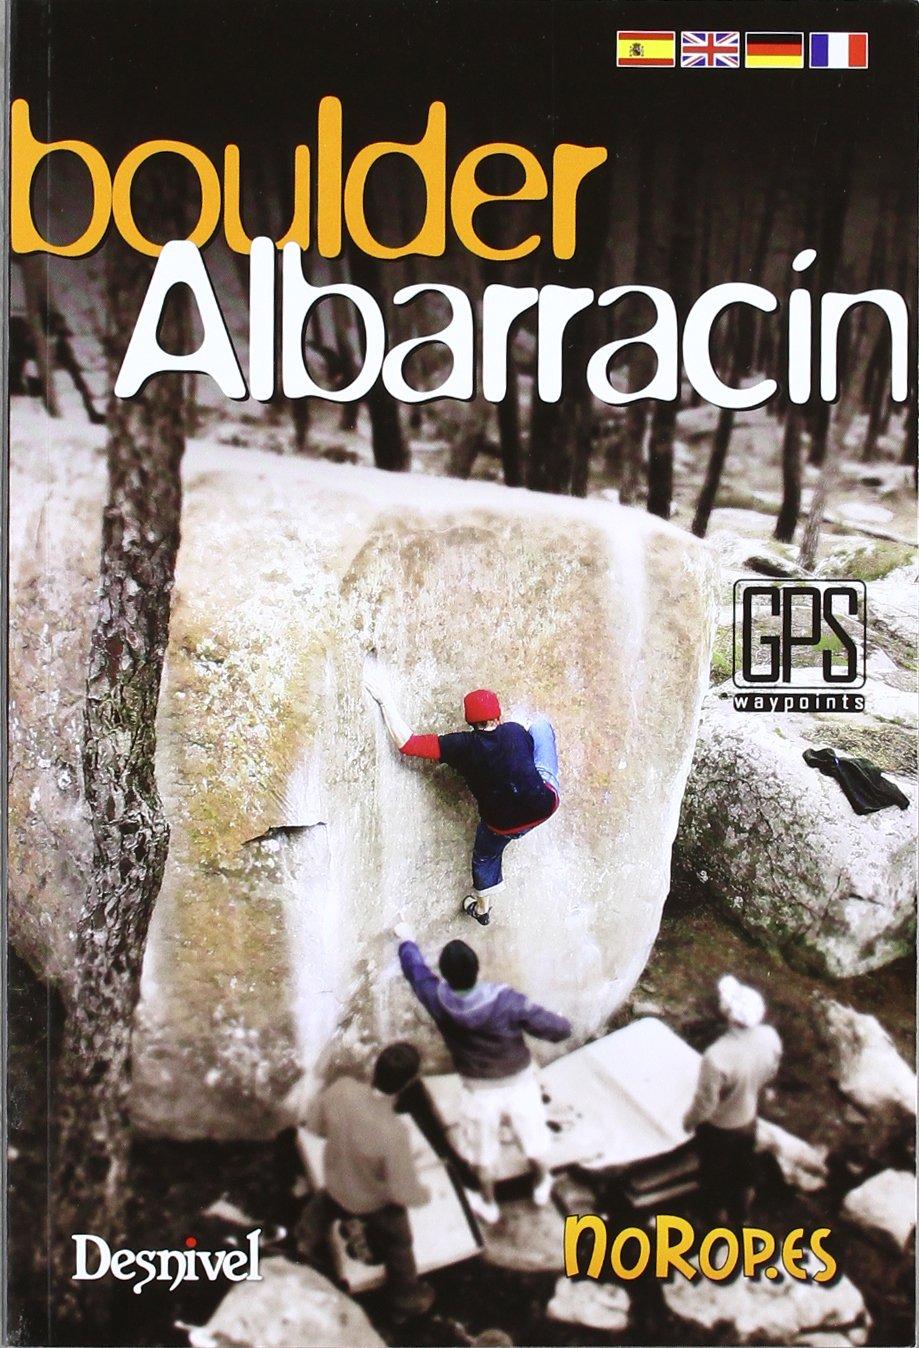 Boulder albarracin (Guias De Escalada): Amazon.es: Aa.Vv.: Libros